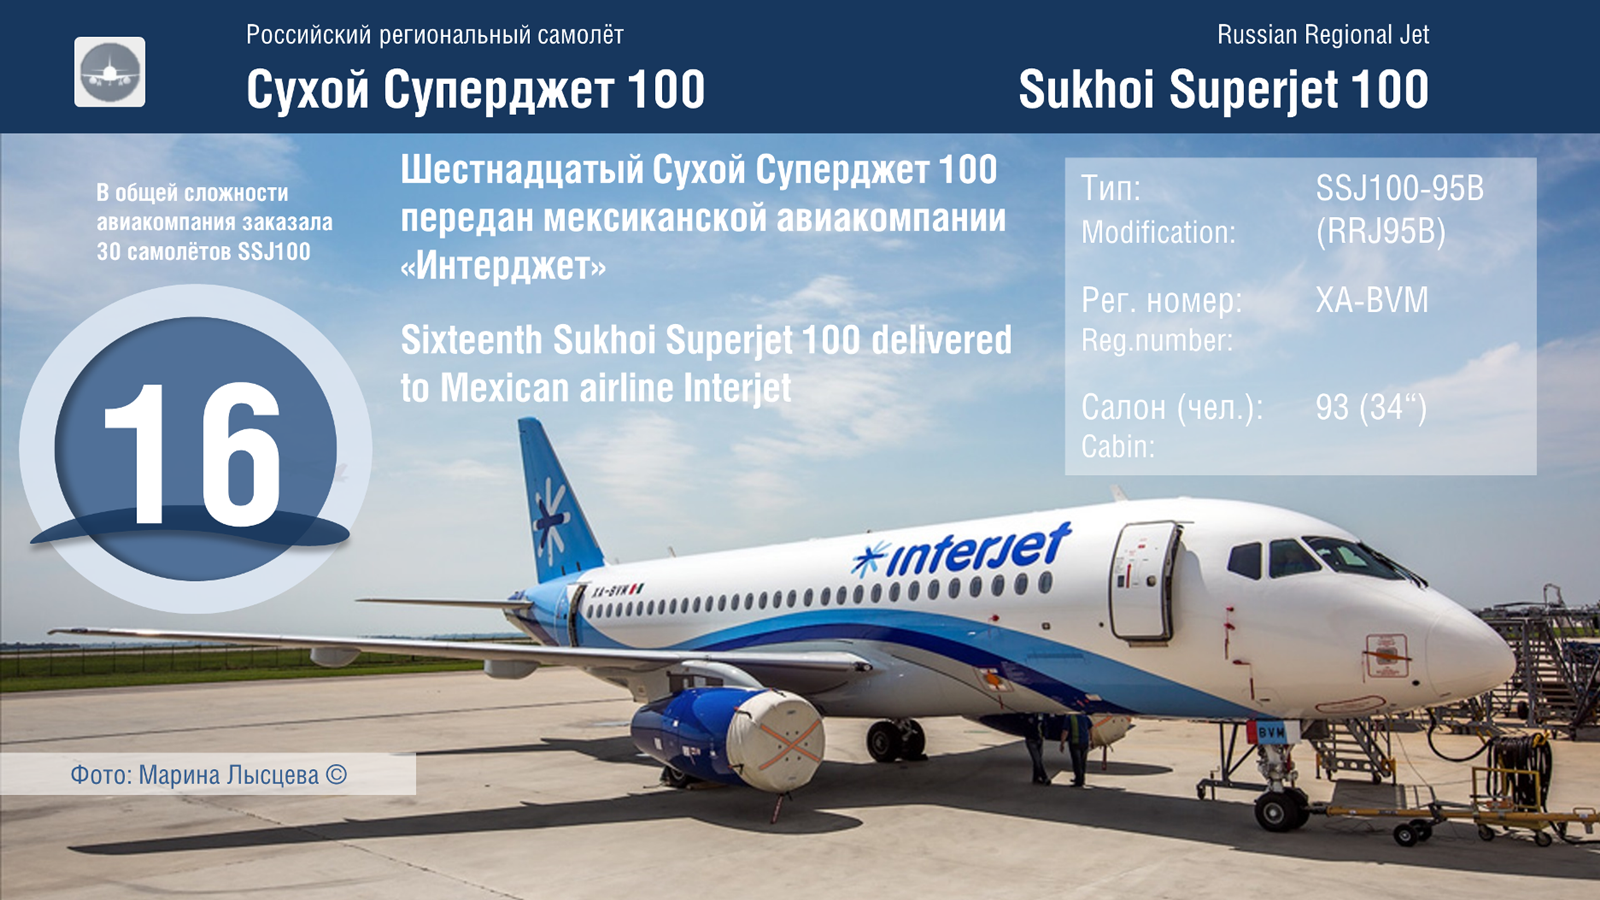 Sukhoi%20Superjet%20SSJ100%20Interjet%20%2316.png